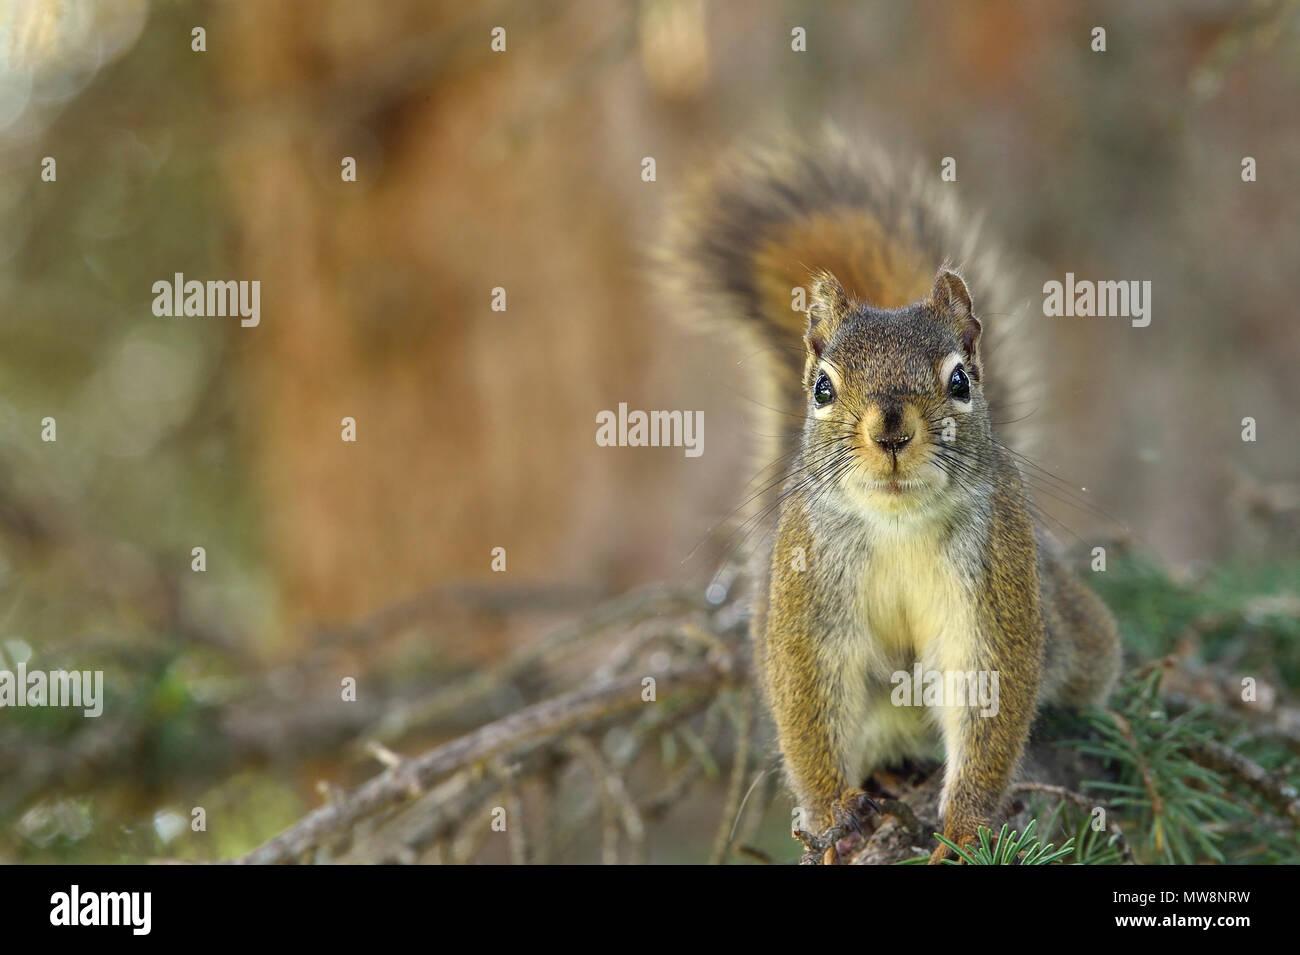 Une vue frontale d'un écureuil rouge sauvage 'Tamiasciurus hudsonicus'; debout sur la branche d'un sapin dans les régions rurales de l'Alberta Canada Photo Stock